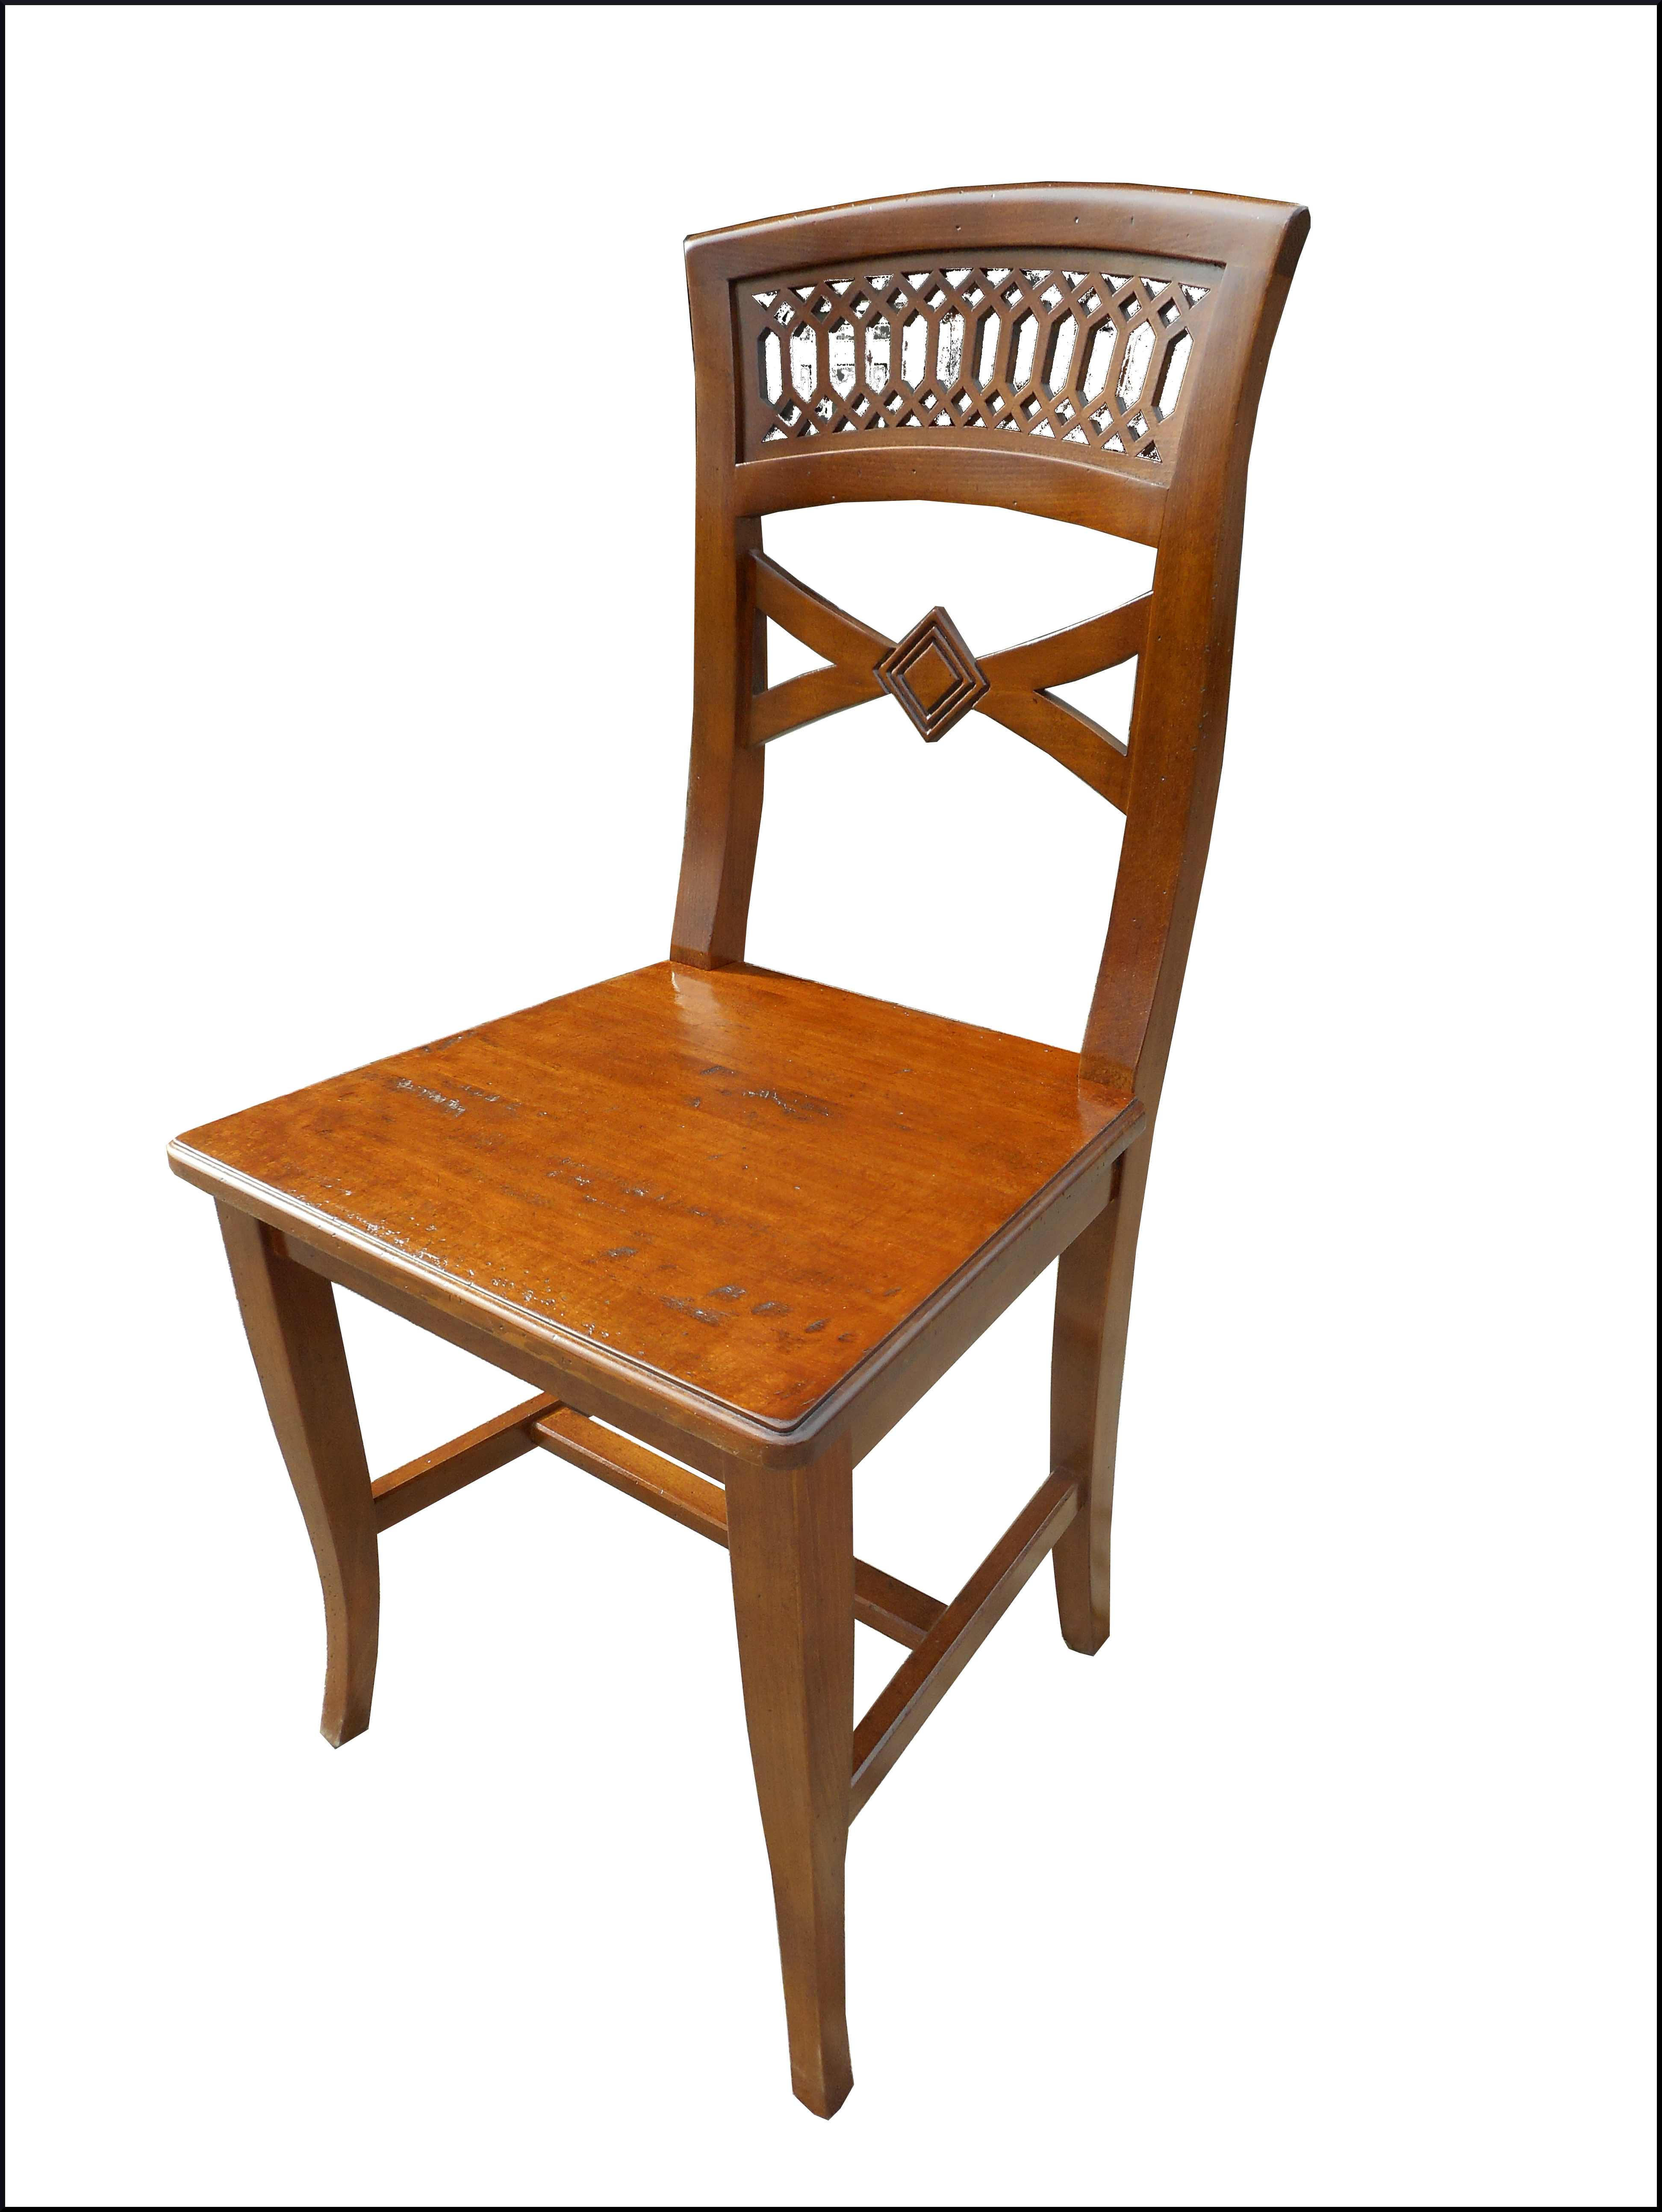 Sedia classica con fondo in legno